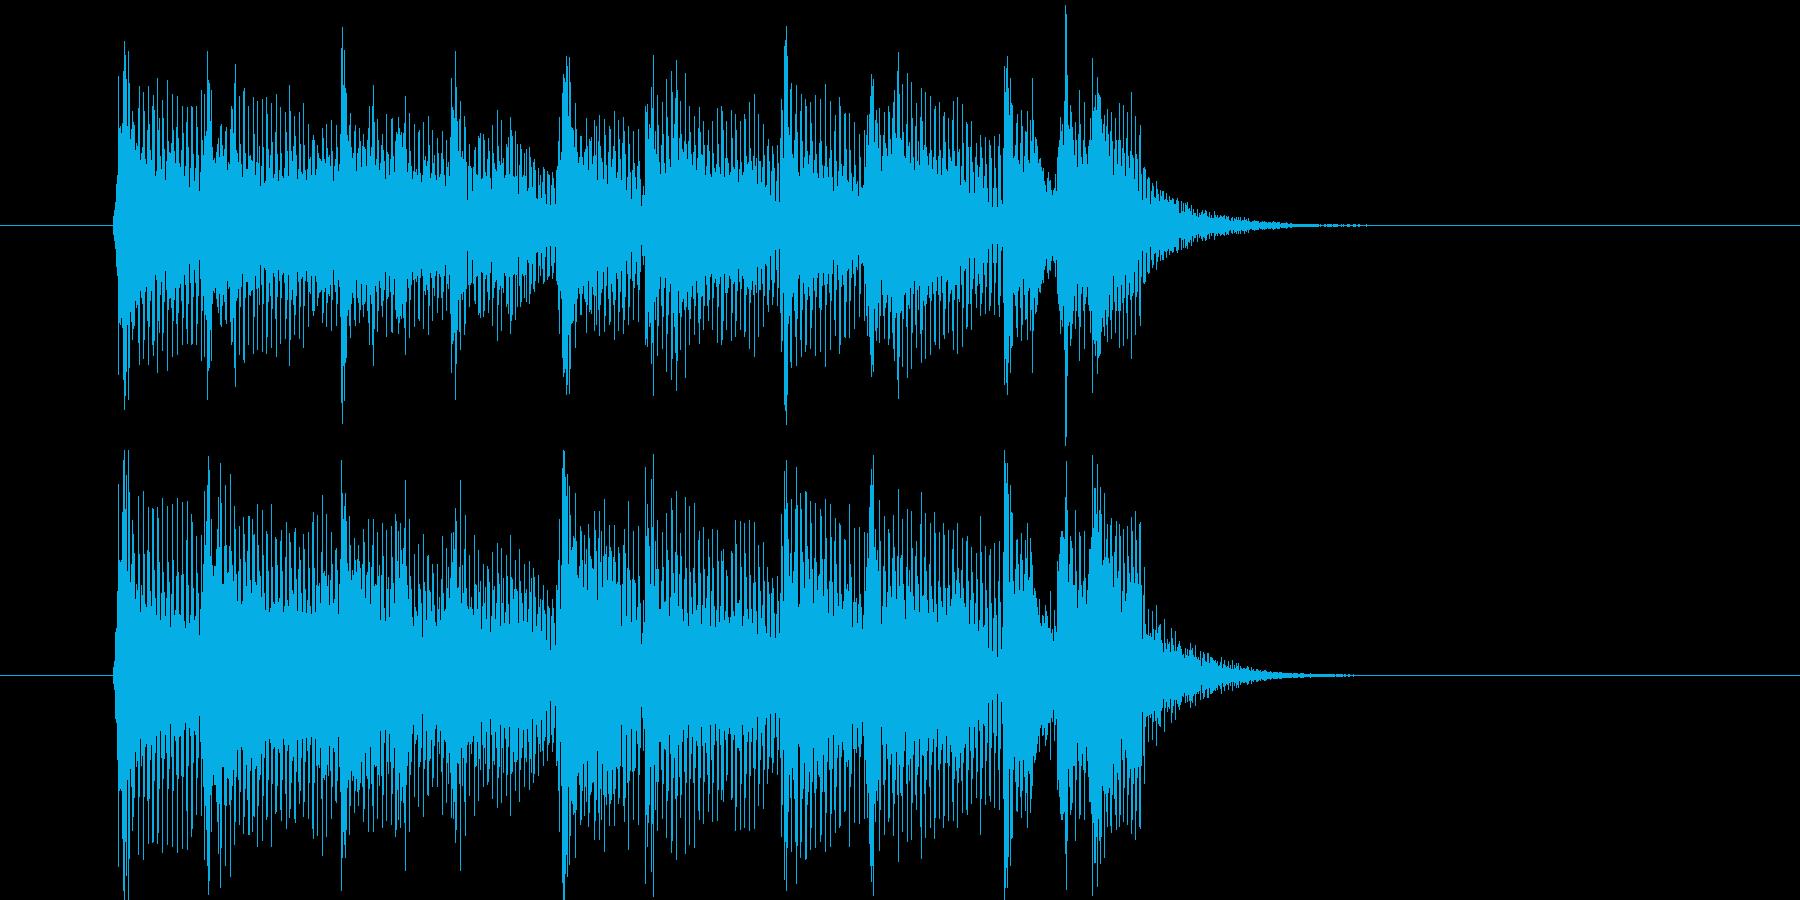 活発なバンド演奏のポップスのジングル曲の再生済みの波形